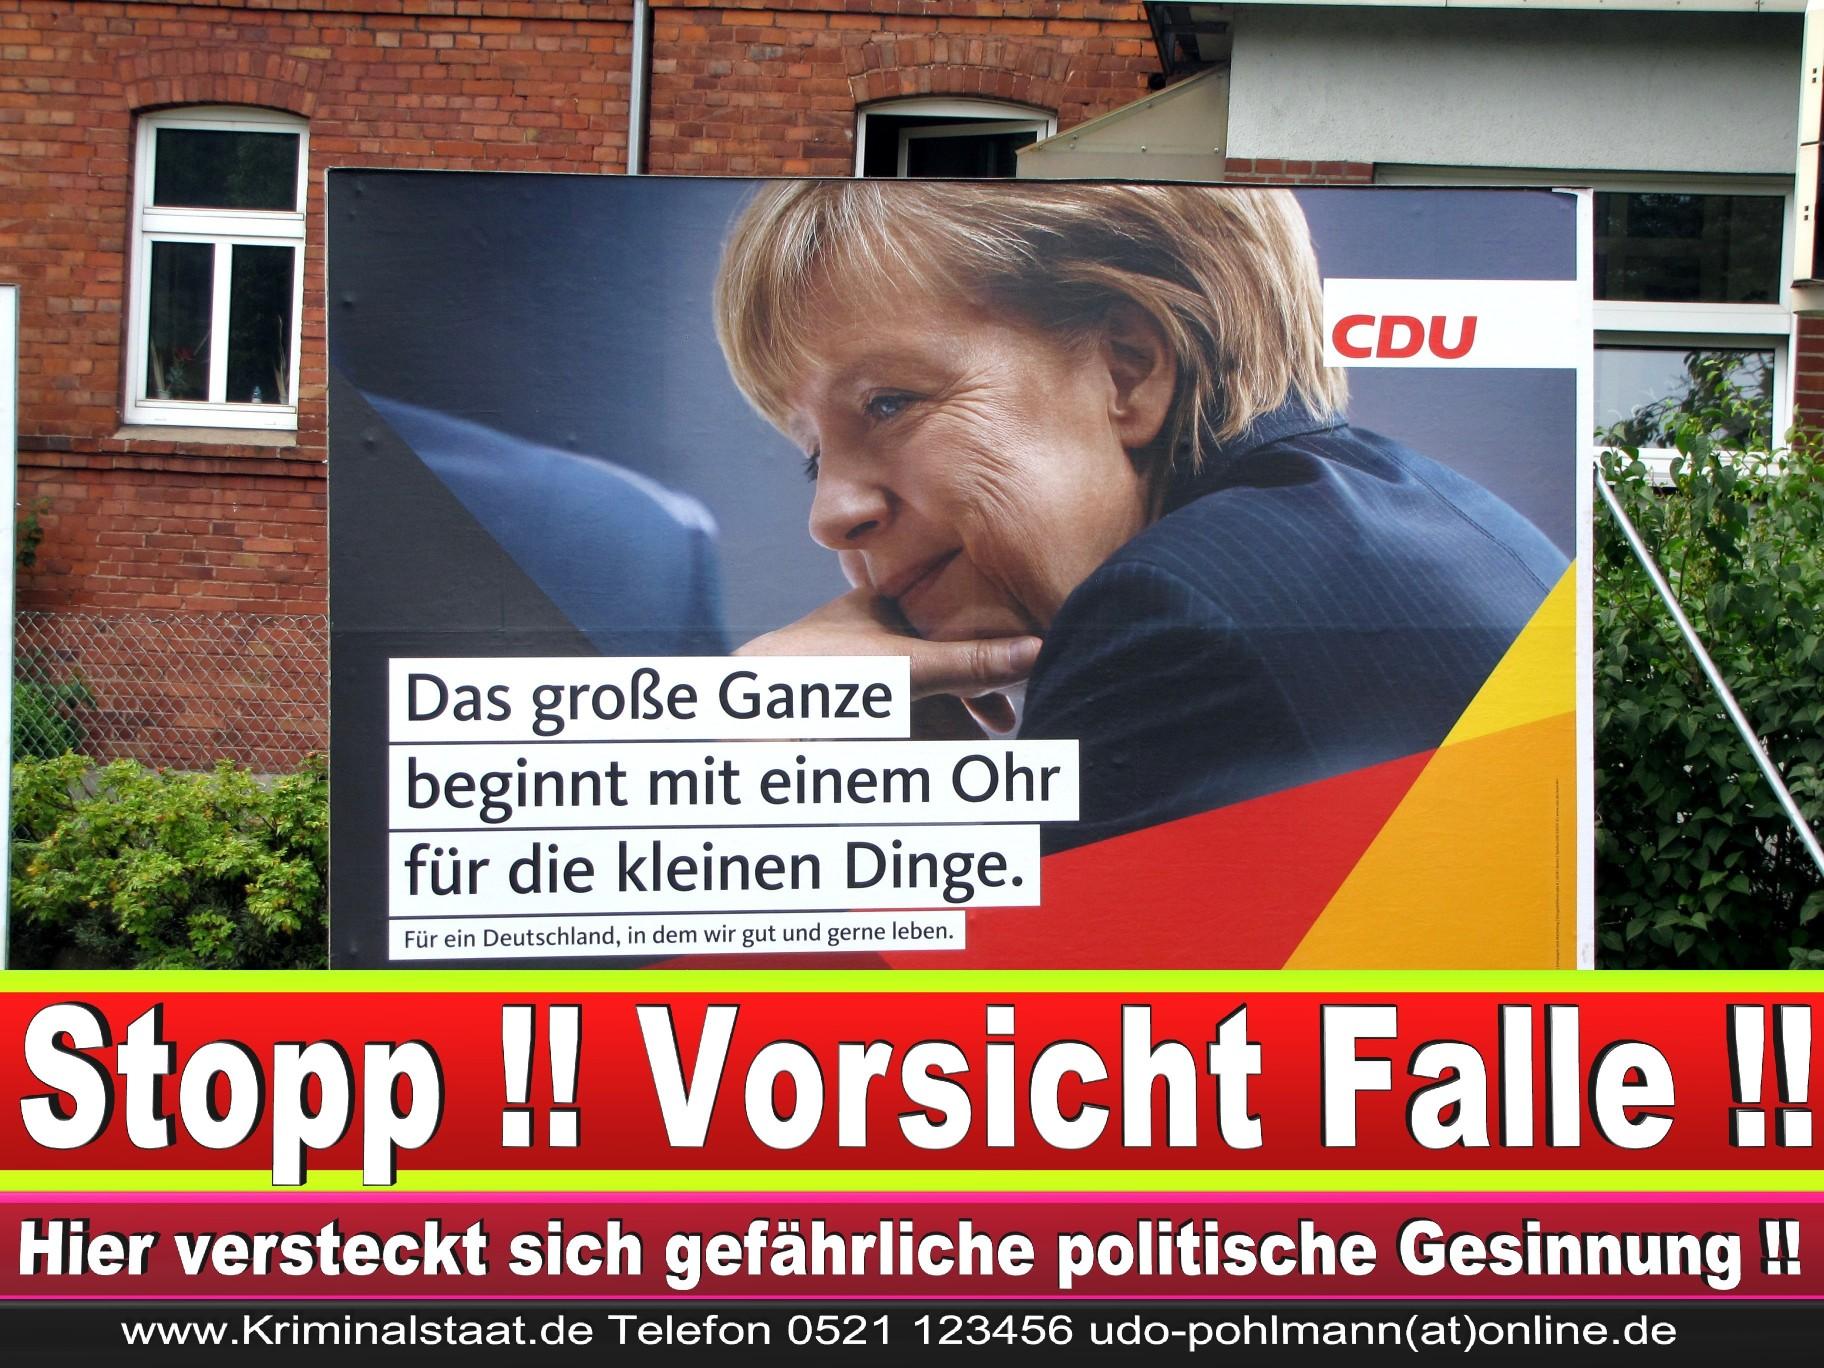 Wahlwerbung Wahlplakate Landtagswahl 2019 Europawahl CDU SPD FDP 2021 (68)